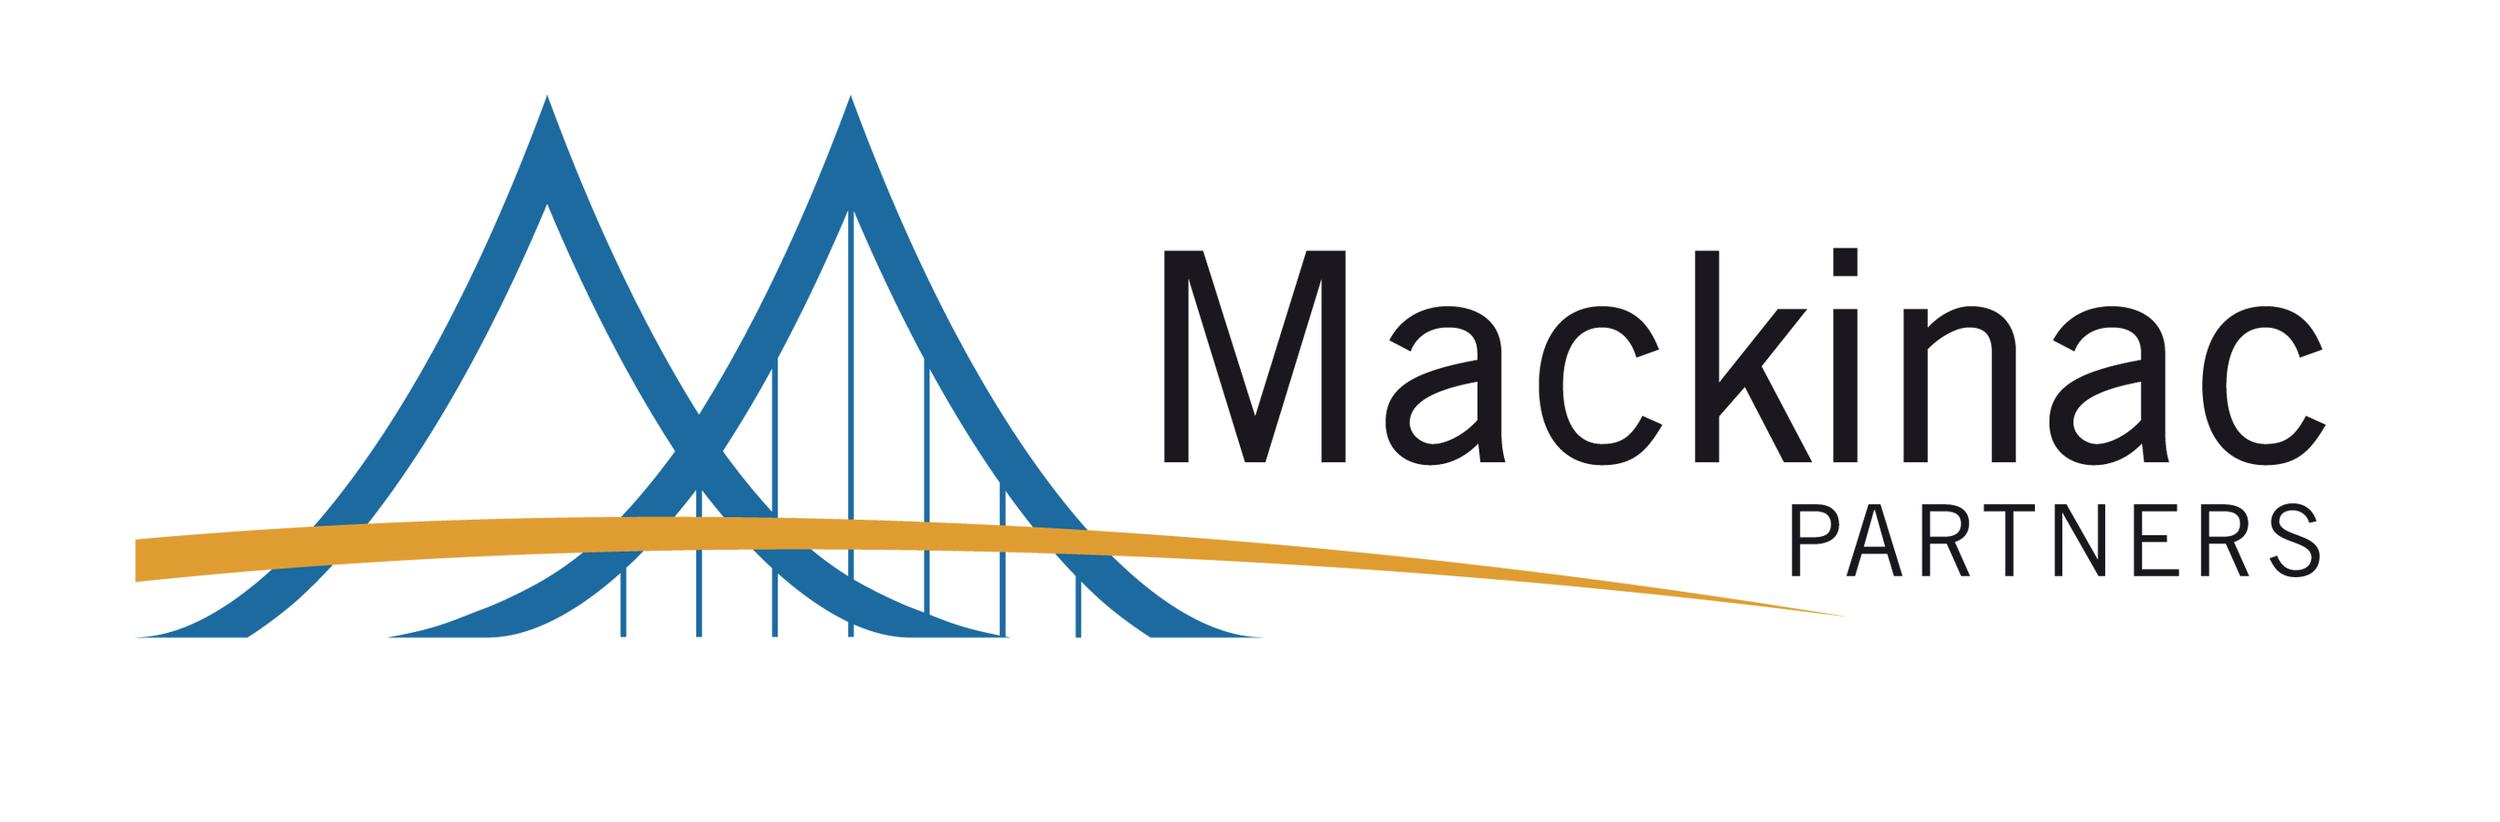 Mackinac_Partners (1).png